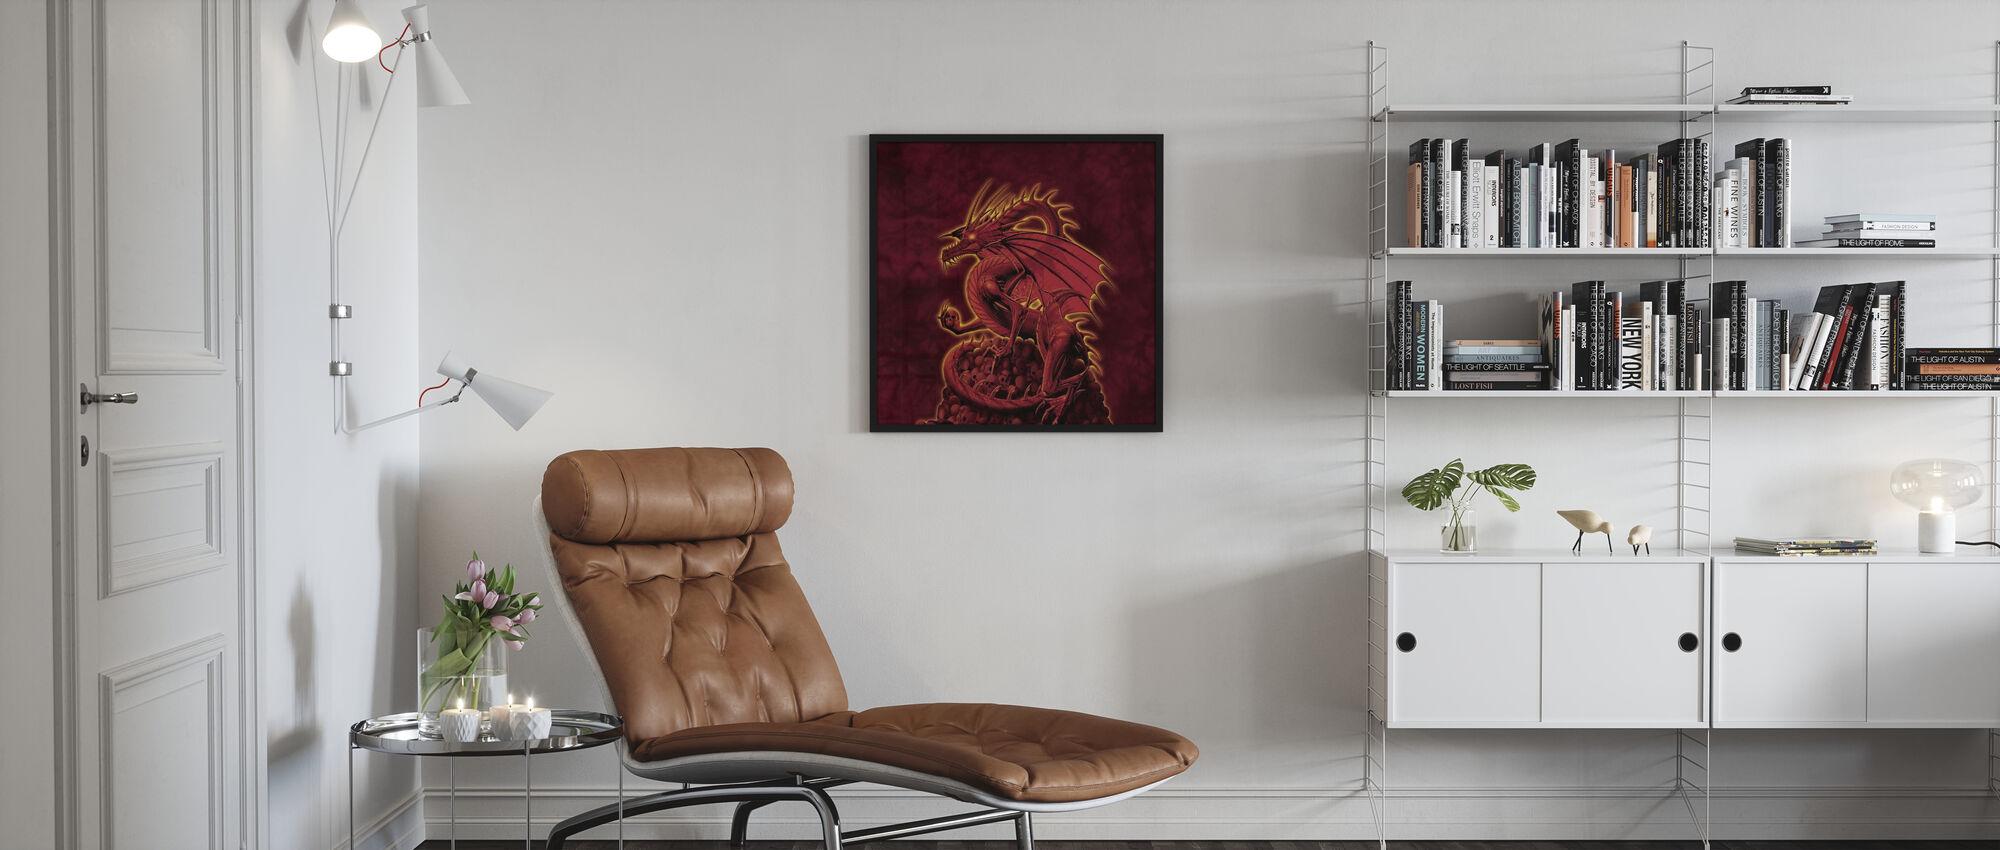 Abschaffer Rote Version - Poster - Wohnzimmer